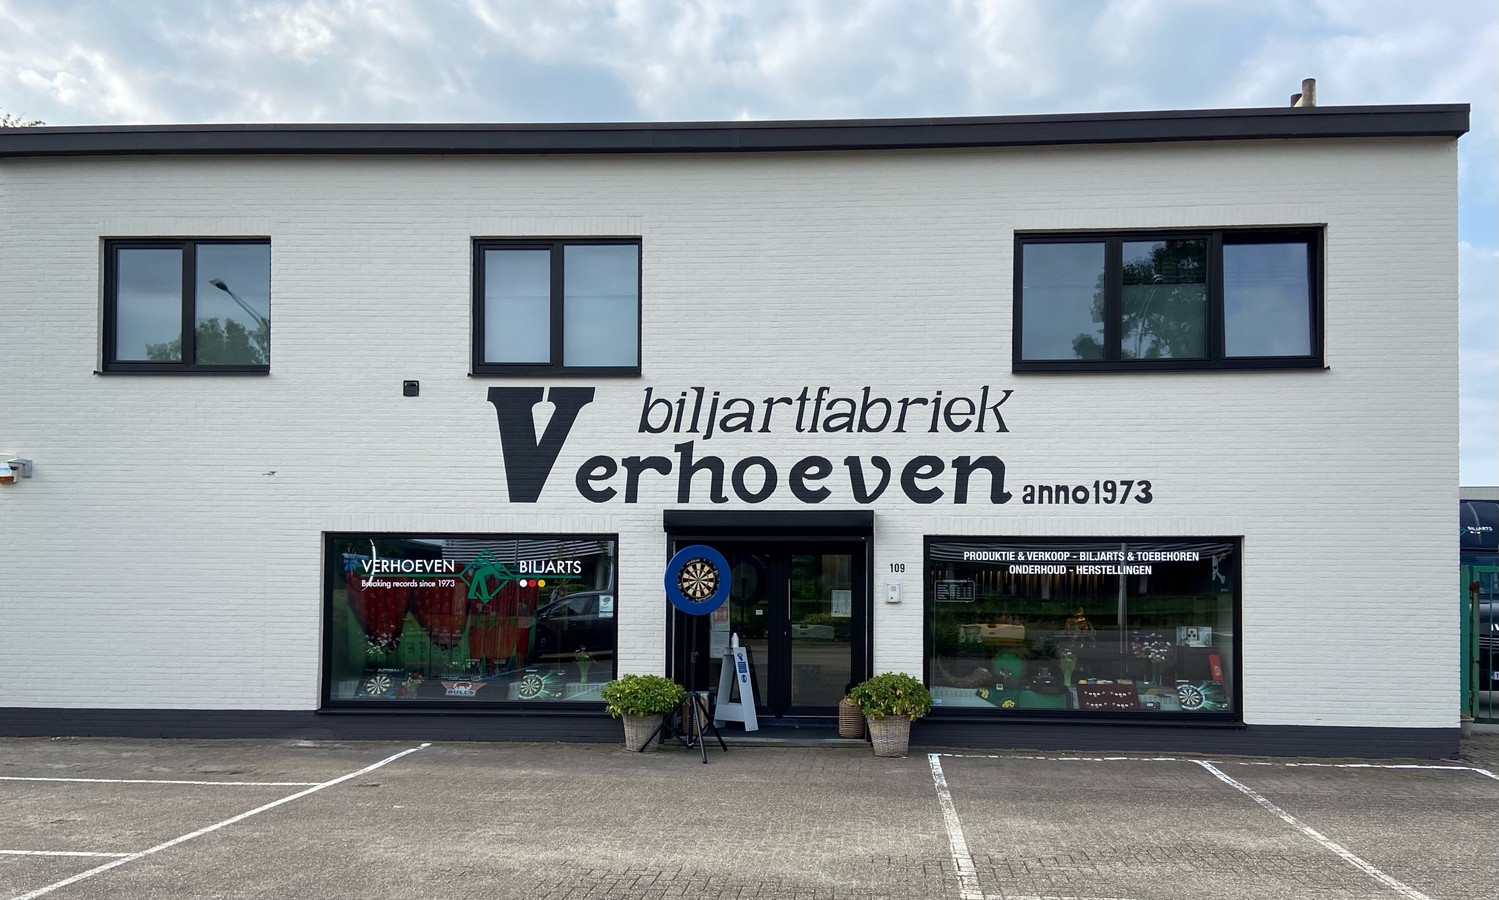 Biljartfabriek Verhoeven kende haar start in 1973. Het bedrijf bestaat uit een atelier en een winkel